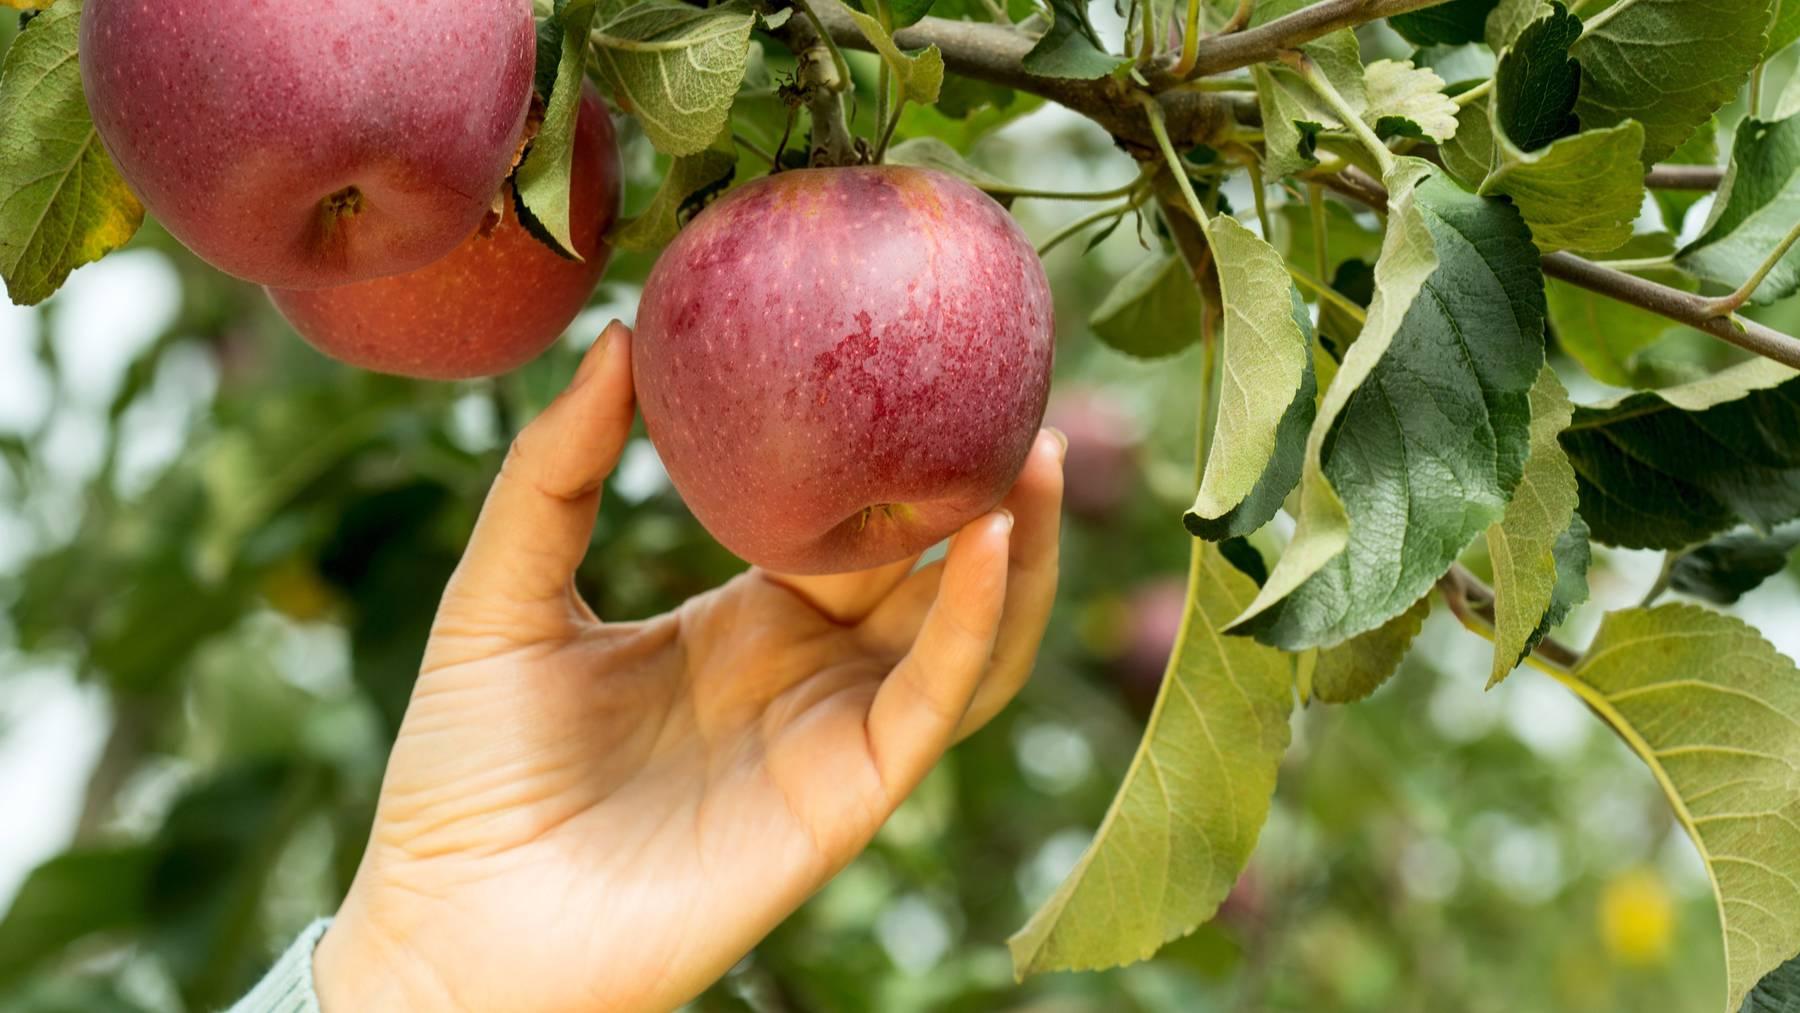 Es gibt immer wieder Spaziergänger oder Wanderer, die sich an Apfelbäumen am Wegrand bedienen (Symbolbild).